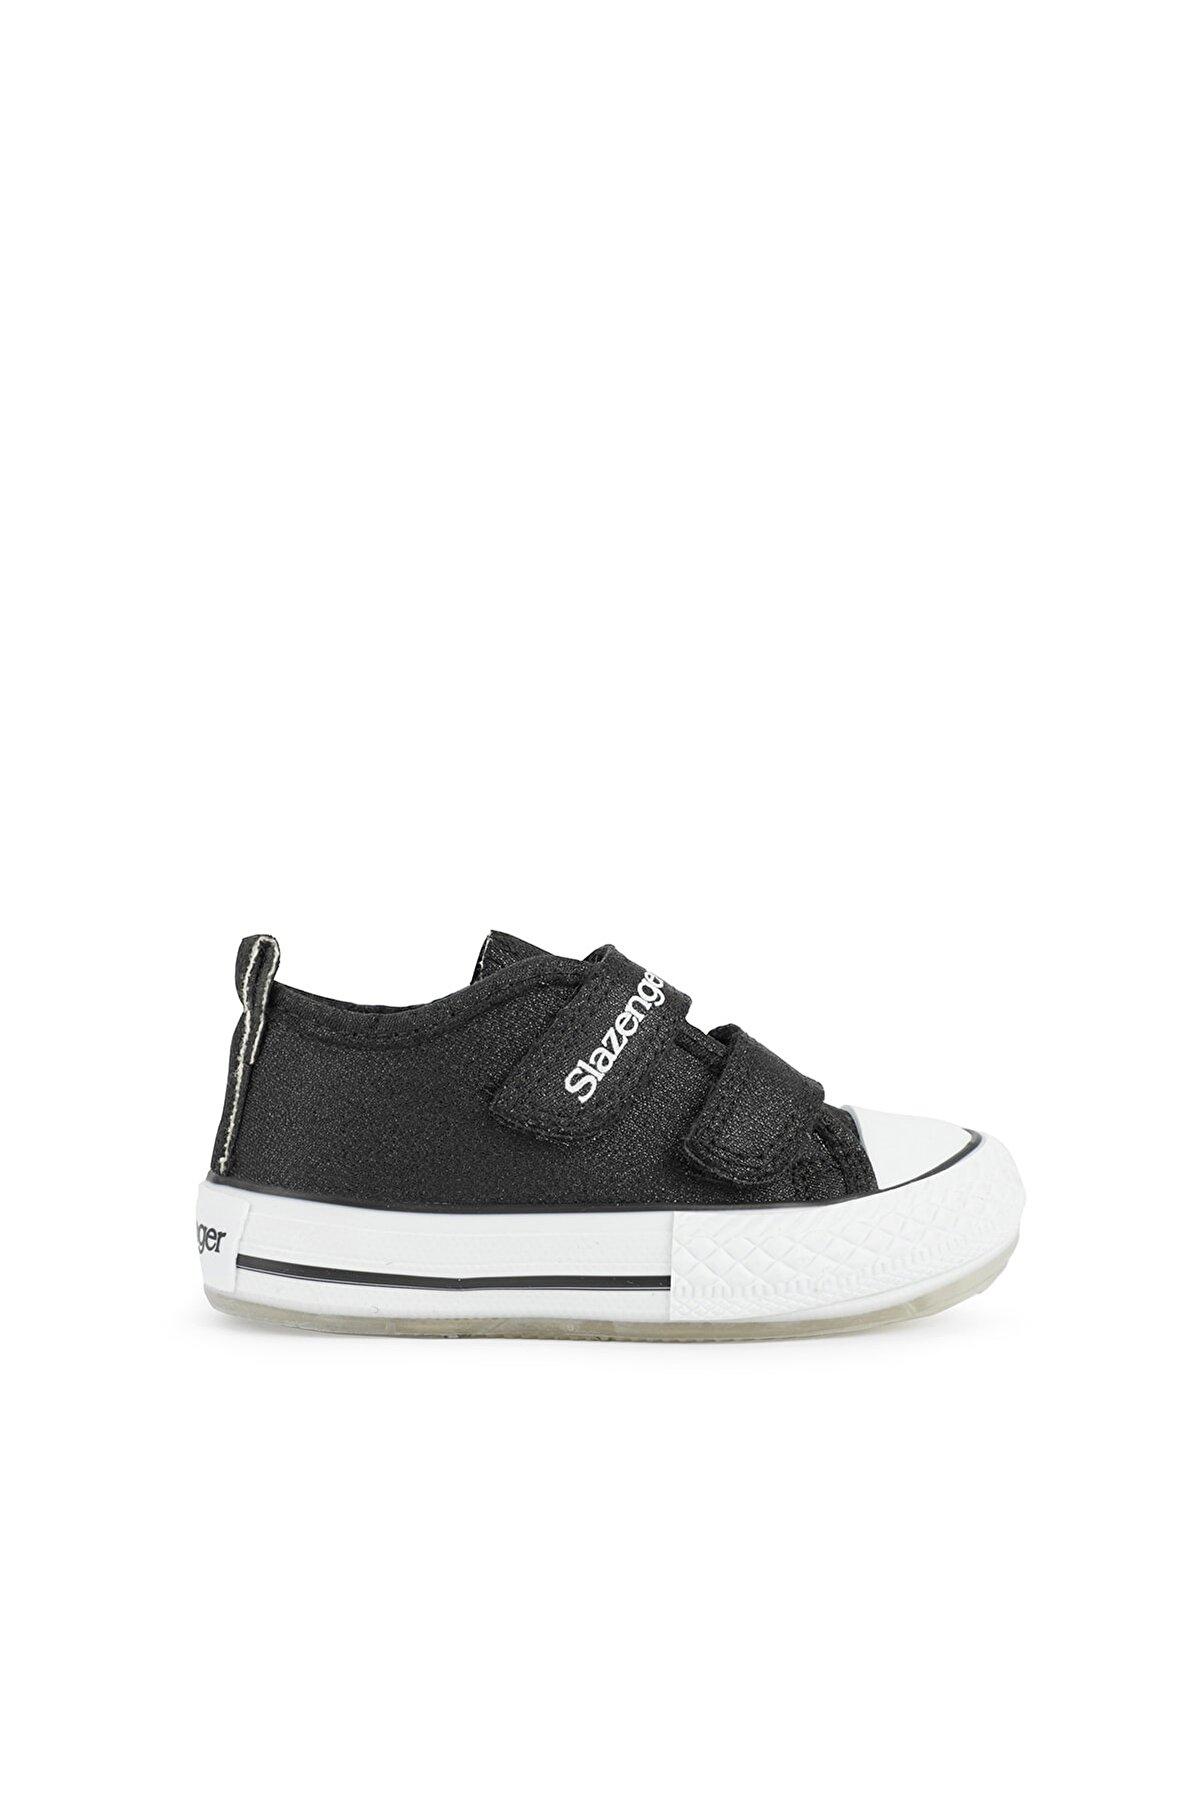 Slazenger Leon Sneaker Çocuk Ayakkabı Siyah Sa11lb013